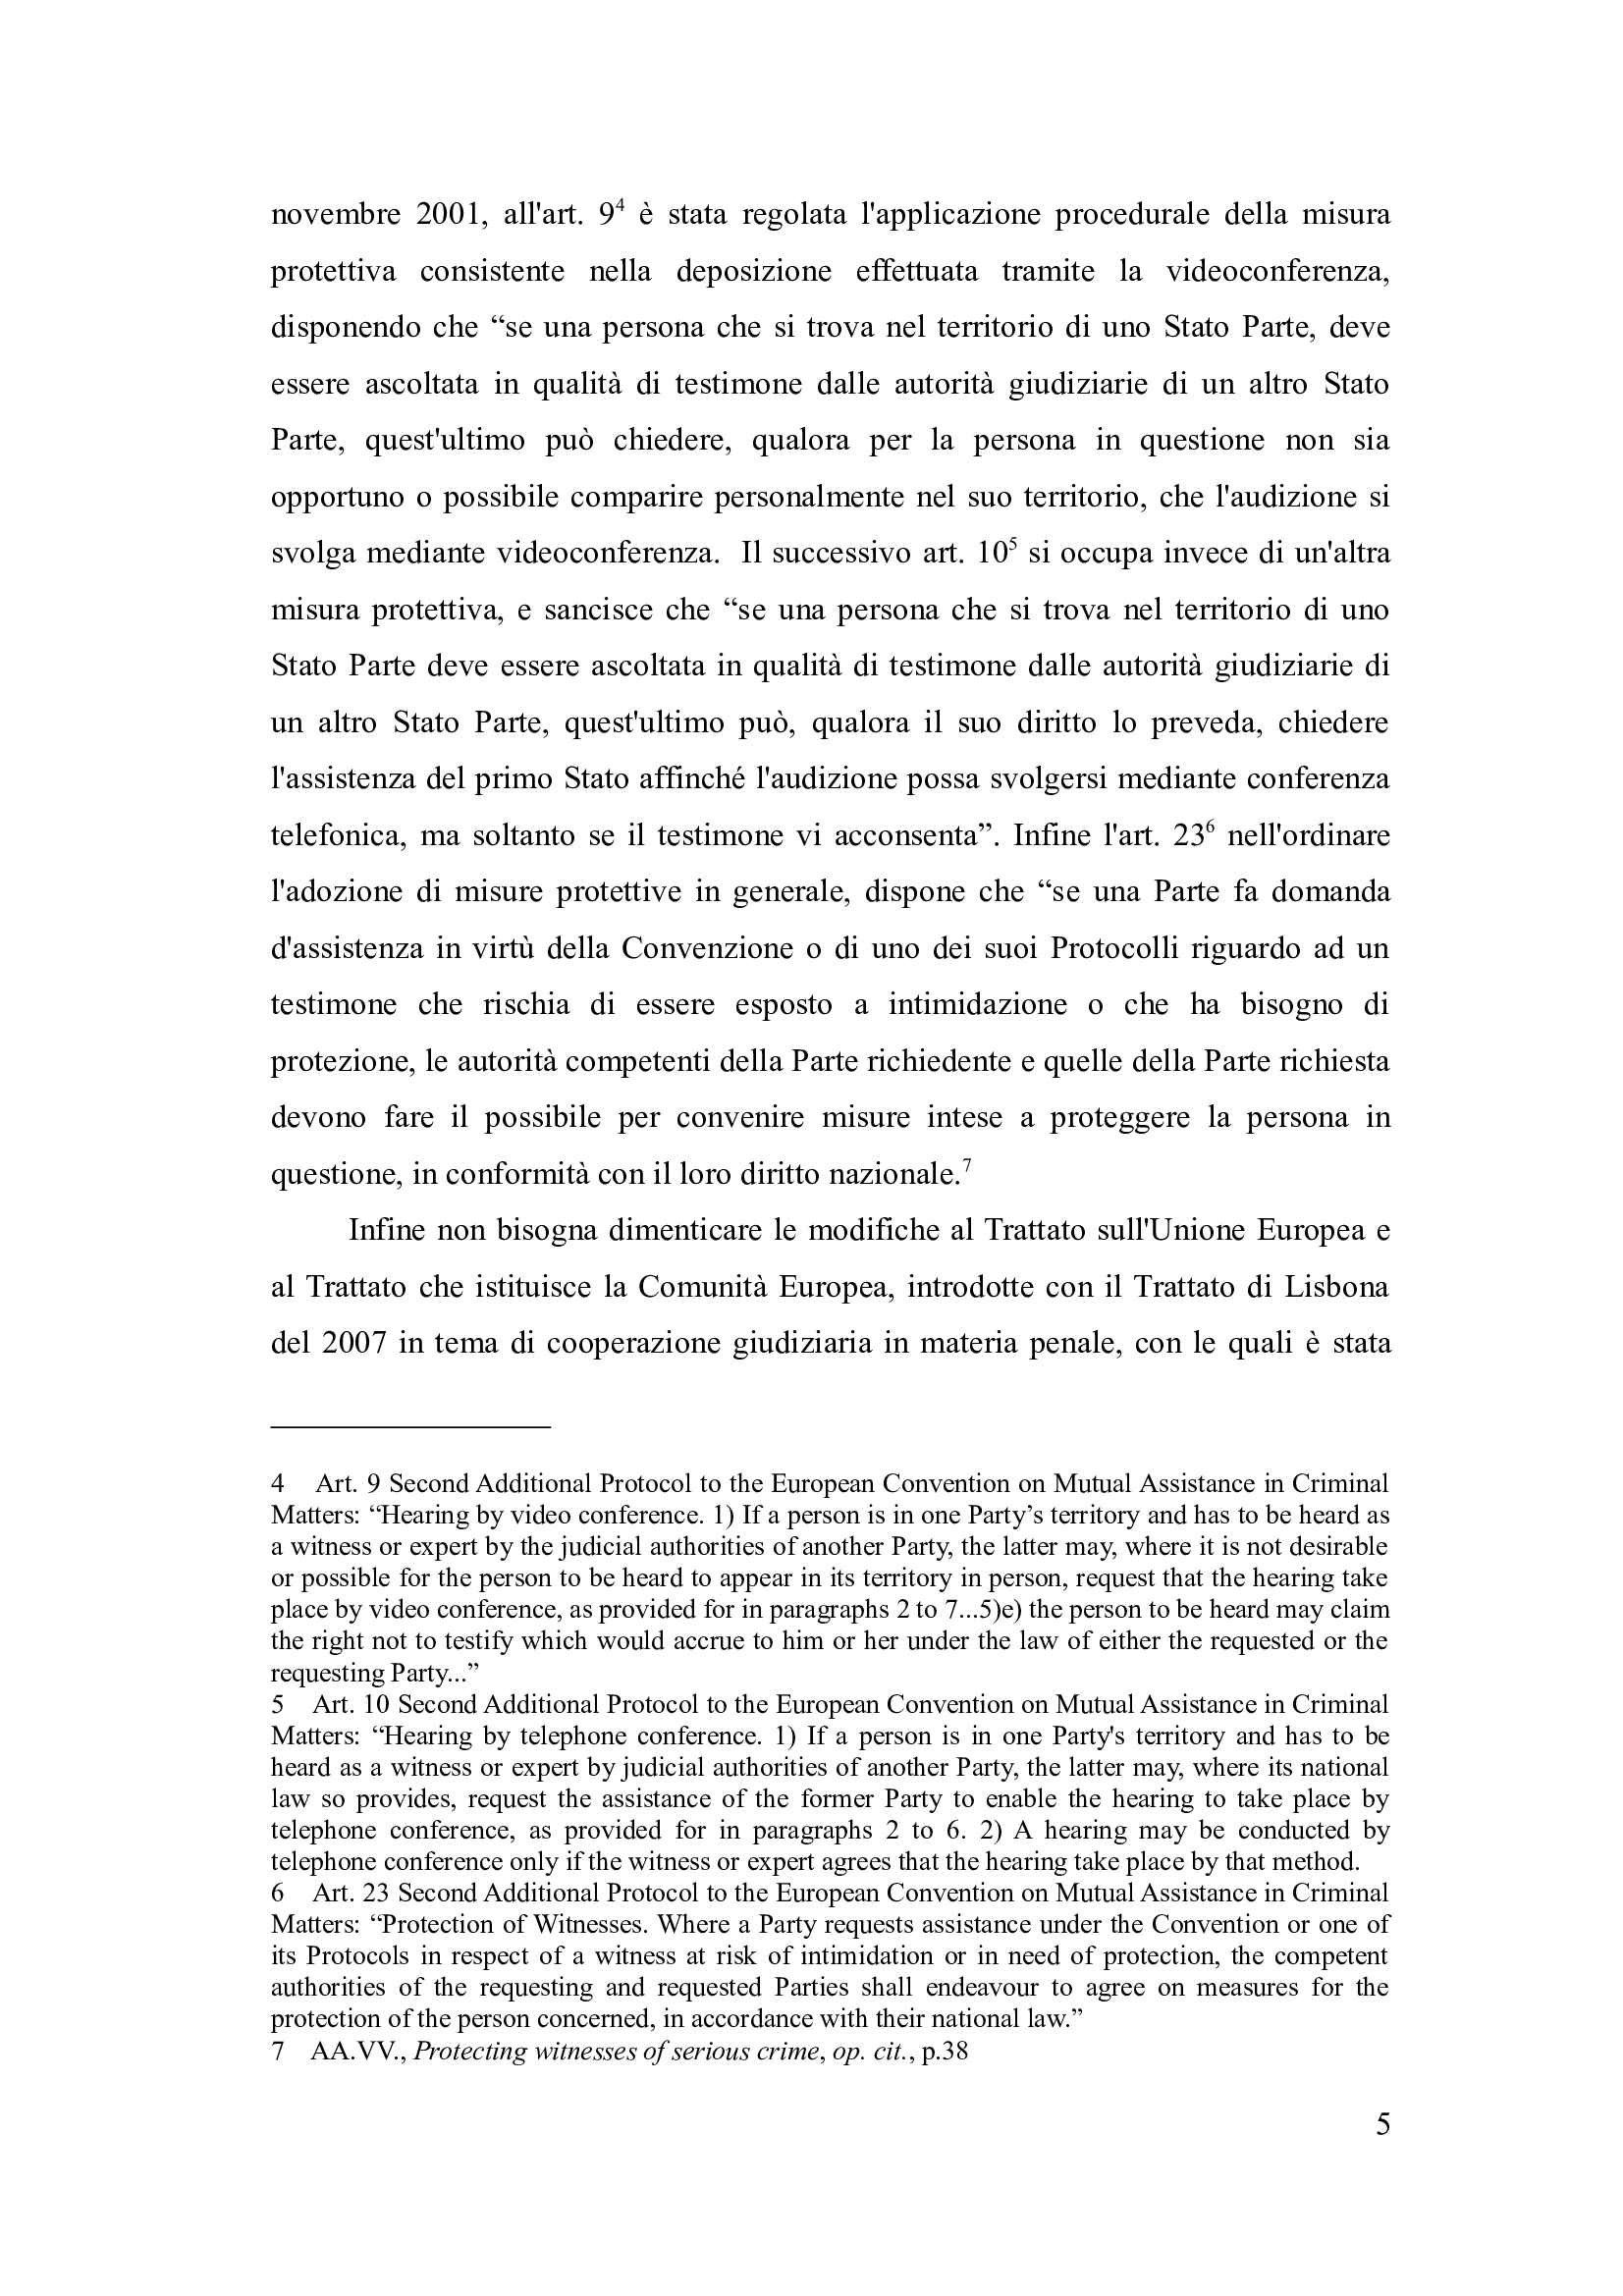 Tesi- La protezione dei testimoni davanti ai tribunali penali internazionali Pag. 11